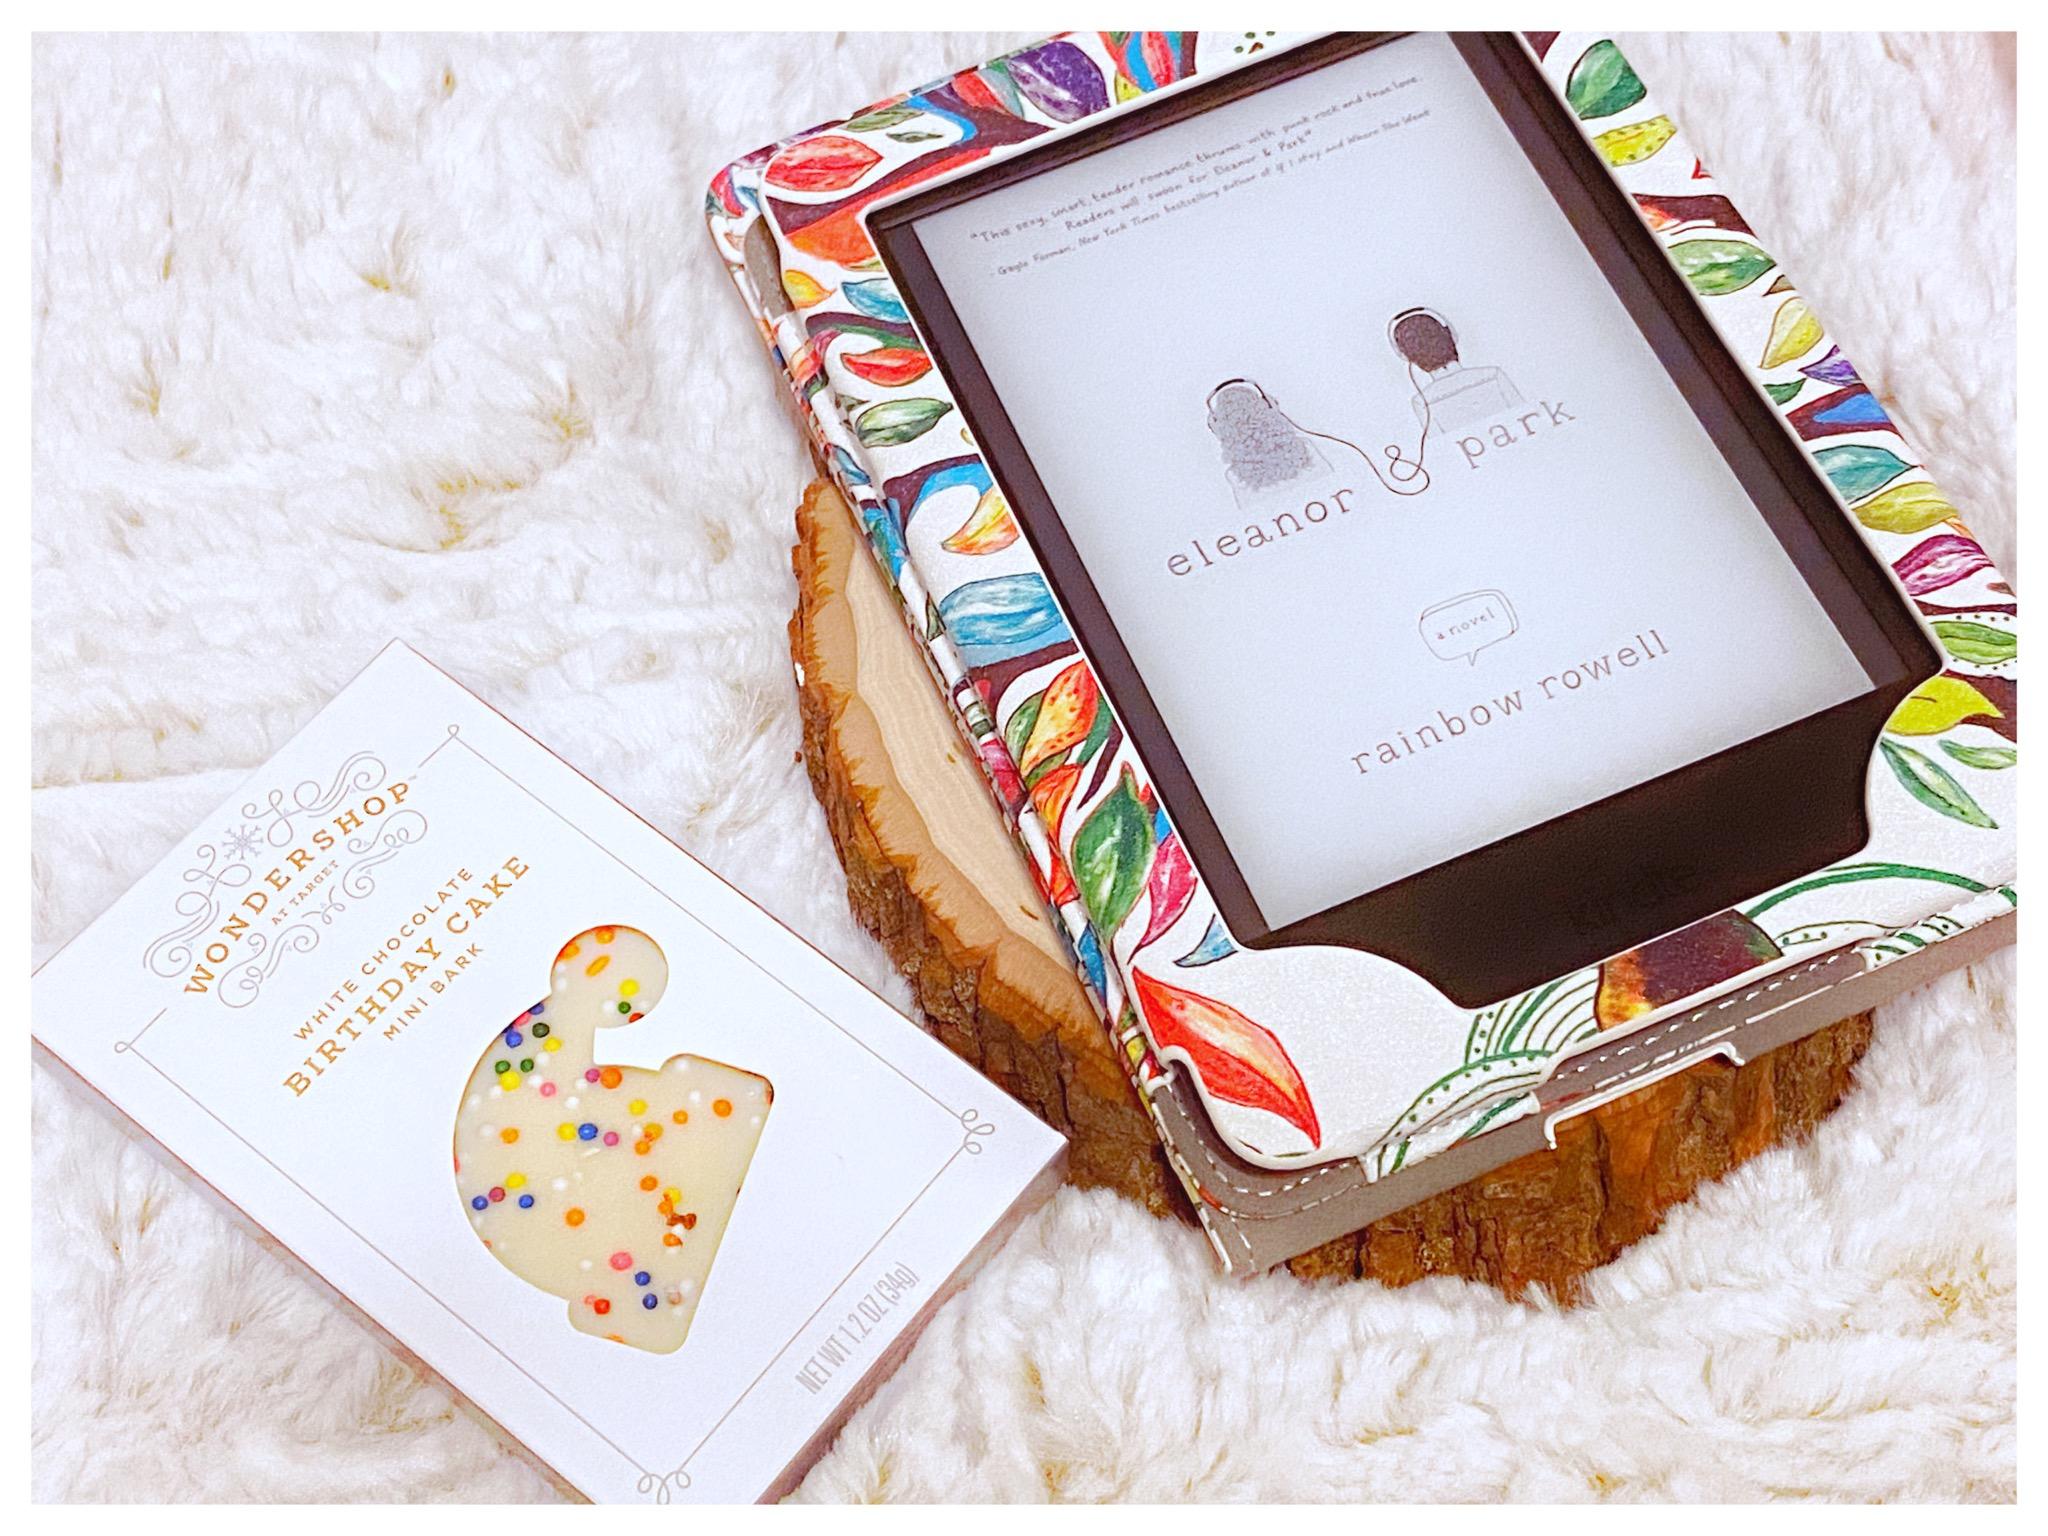 Wondershop White Chocolate Birthday Cake | Mini Review